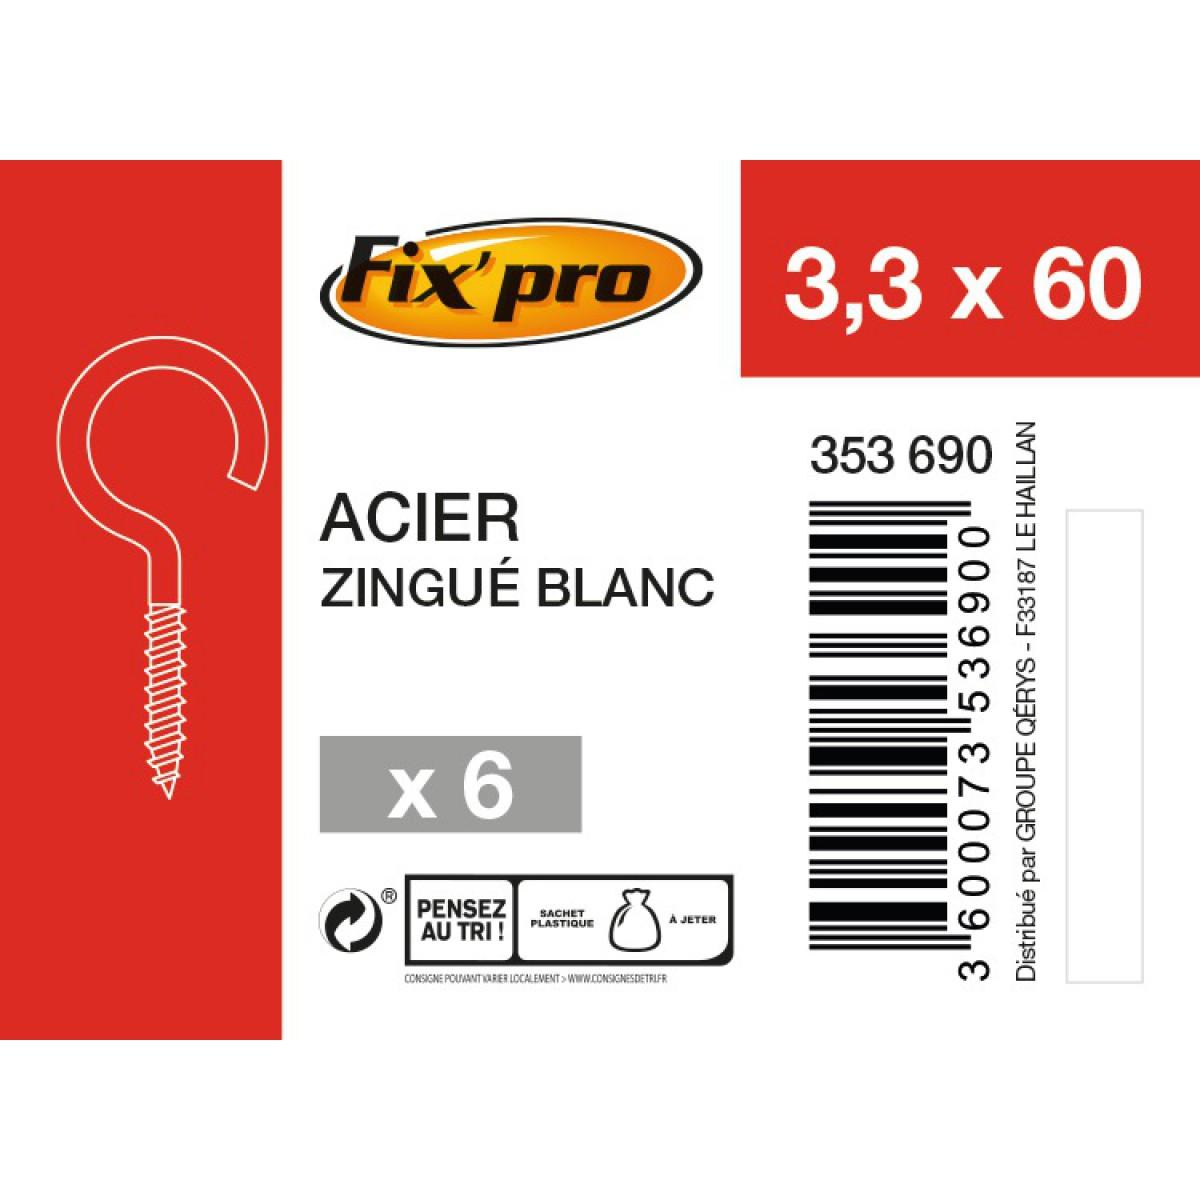 Crochet à visser acier zingué - 3,3x60 - 6pces - Fixpro